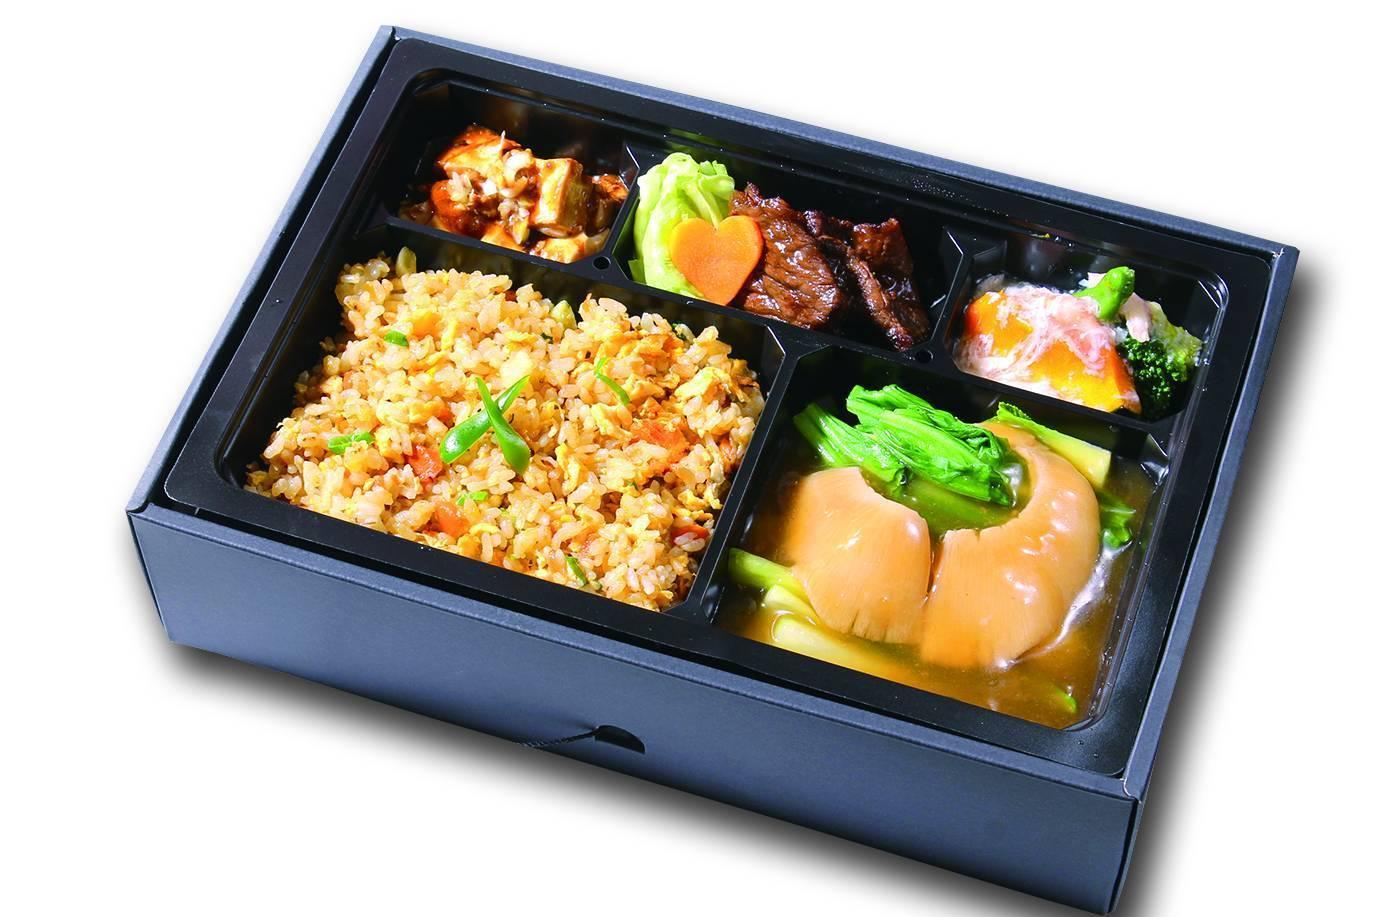 温まるフカヒレ&麻婆豆腐弁当 お茶付き画像